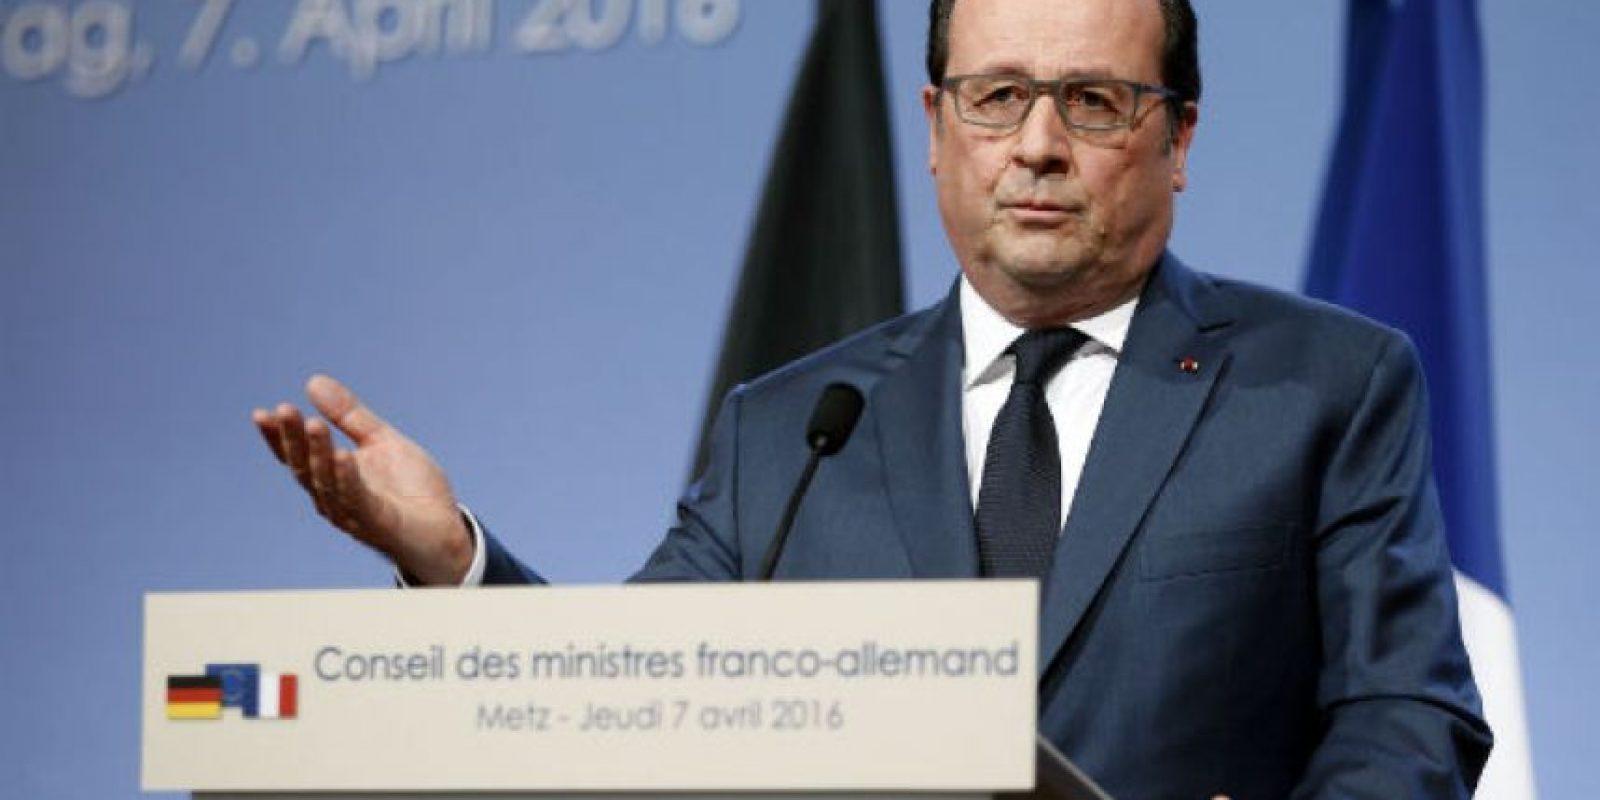 Francois Hollande. Político francés que desde 2012 es el presidente de Francia. Foto:Getty Images